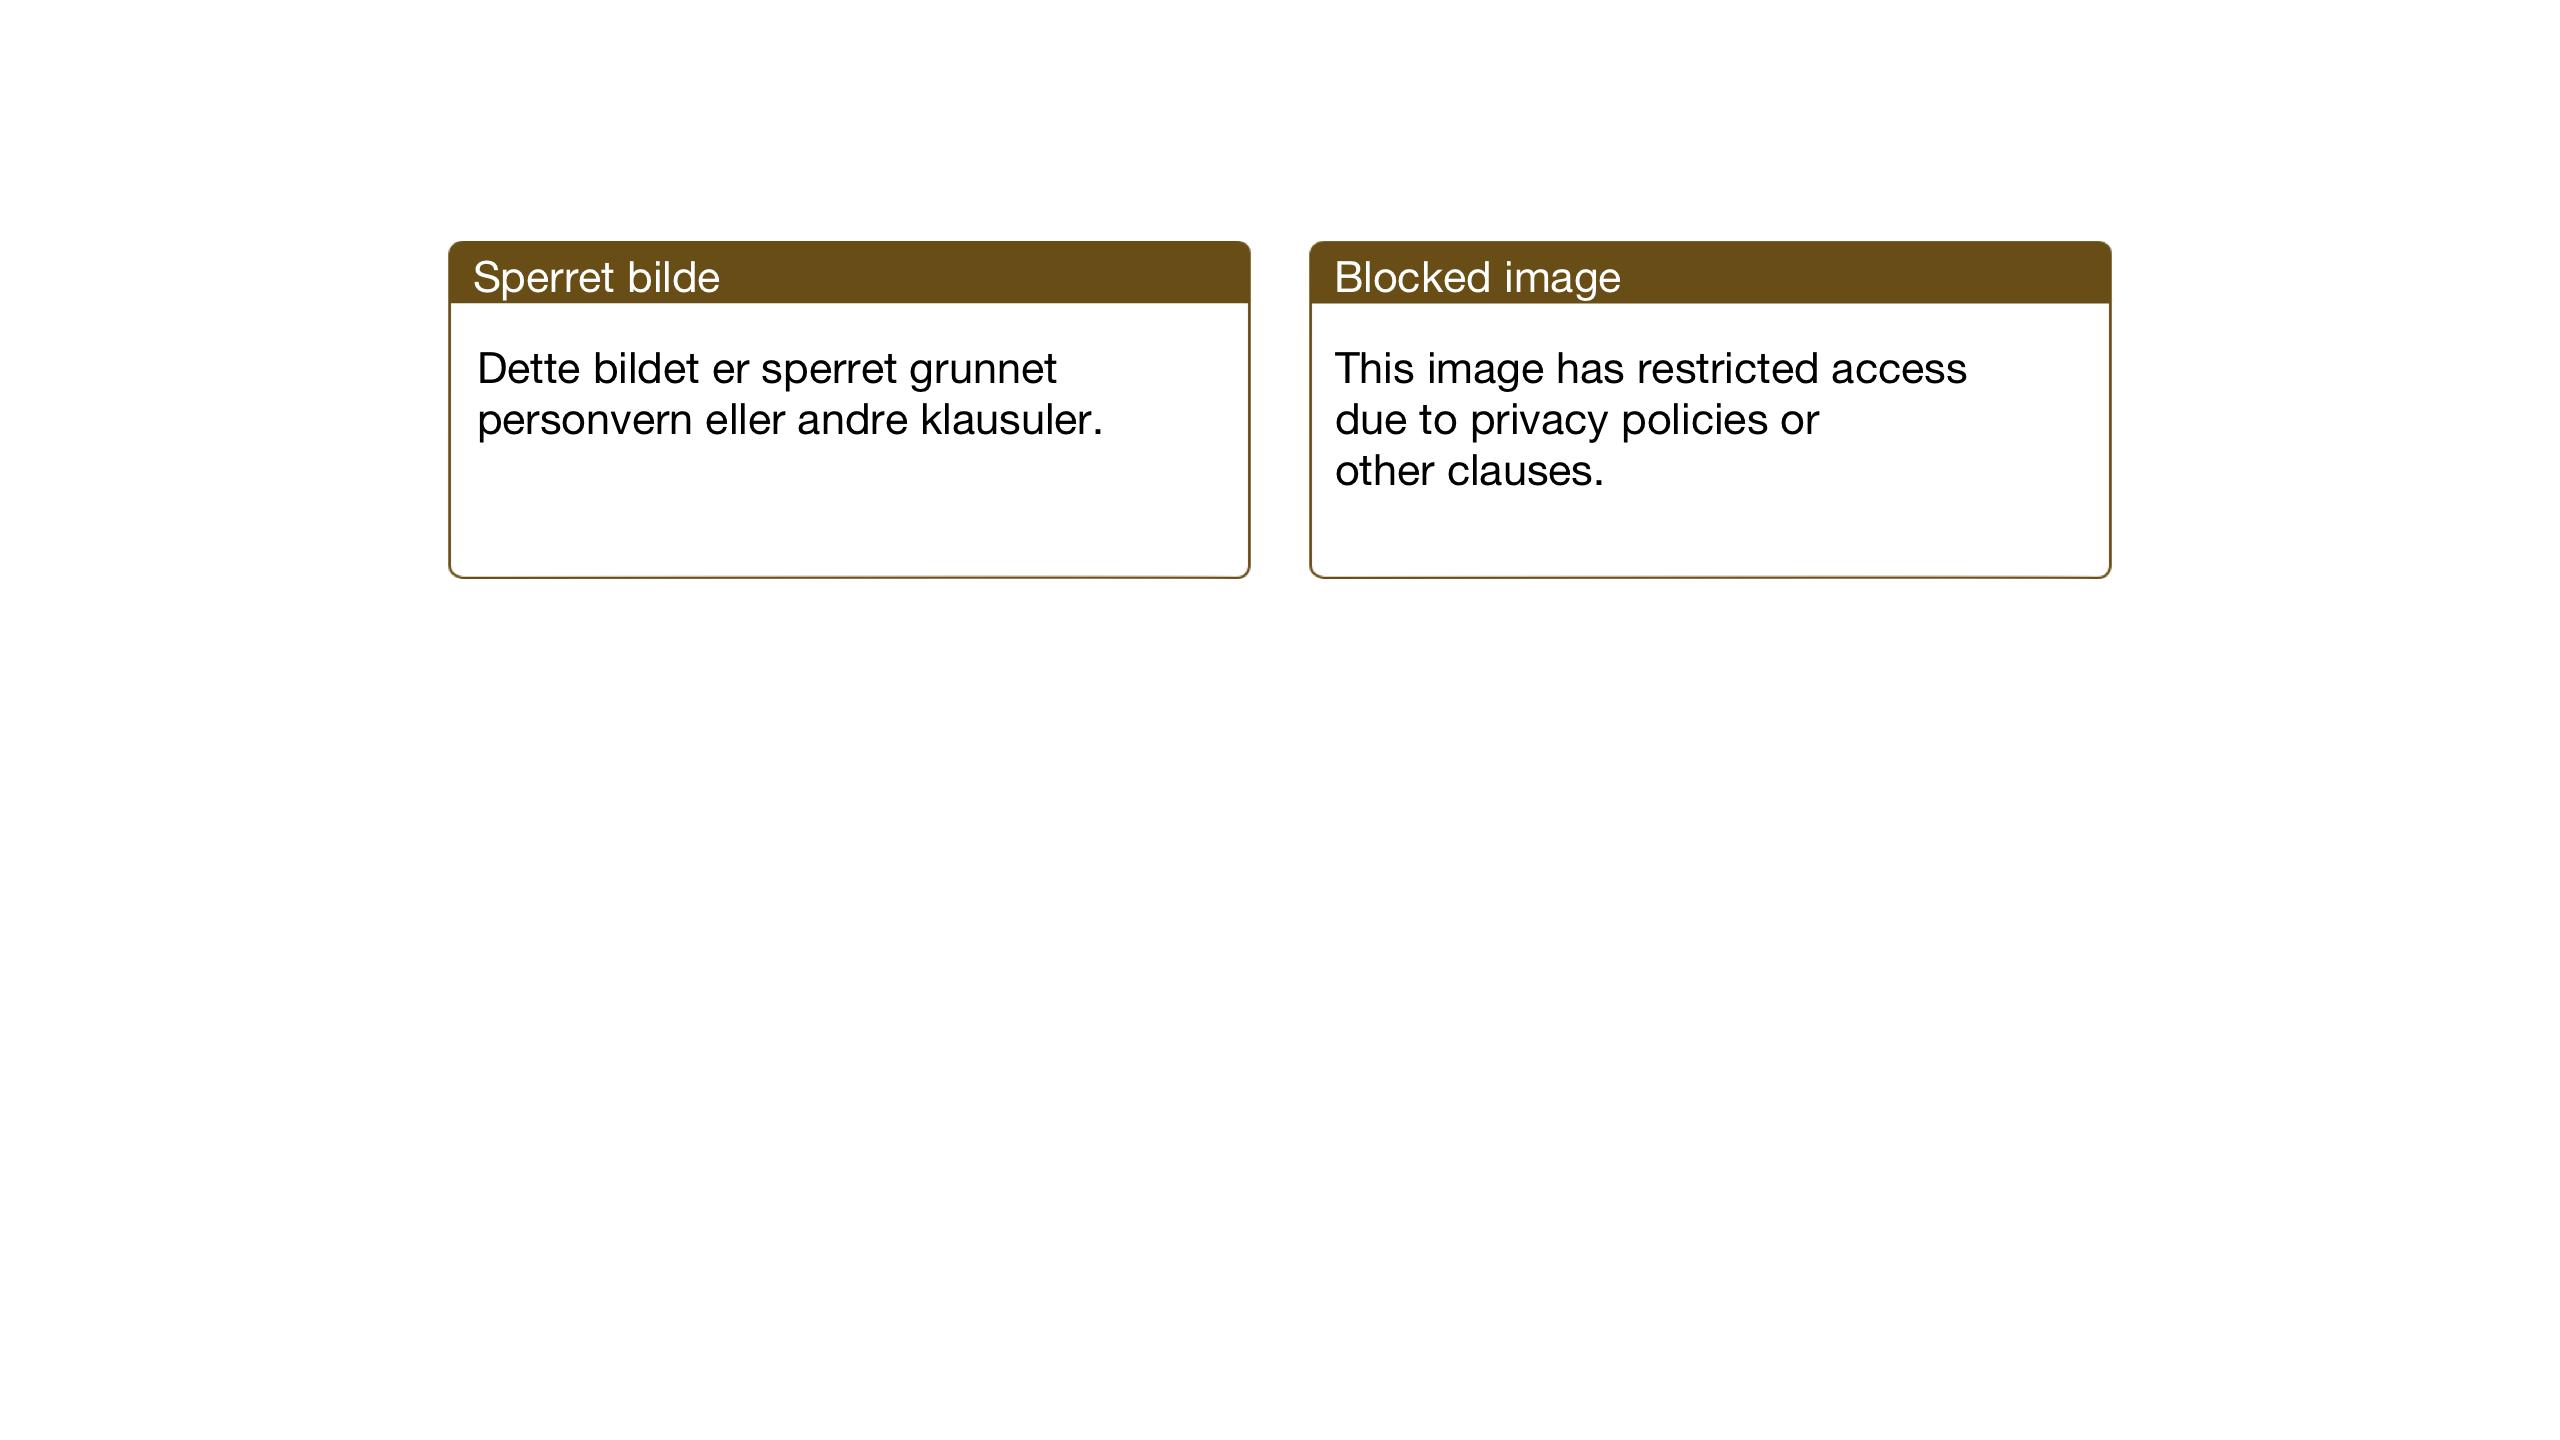 SAT, Ministerialprotokoller, klokkerbøker og fødselsregistre - Nord-Trøndelag, 709/L0089: Klokkerbok nr. 709C03, 1935-1948, s. 248